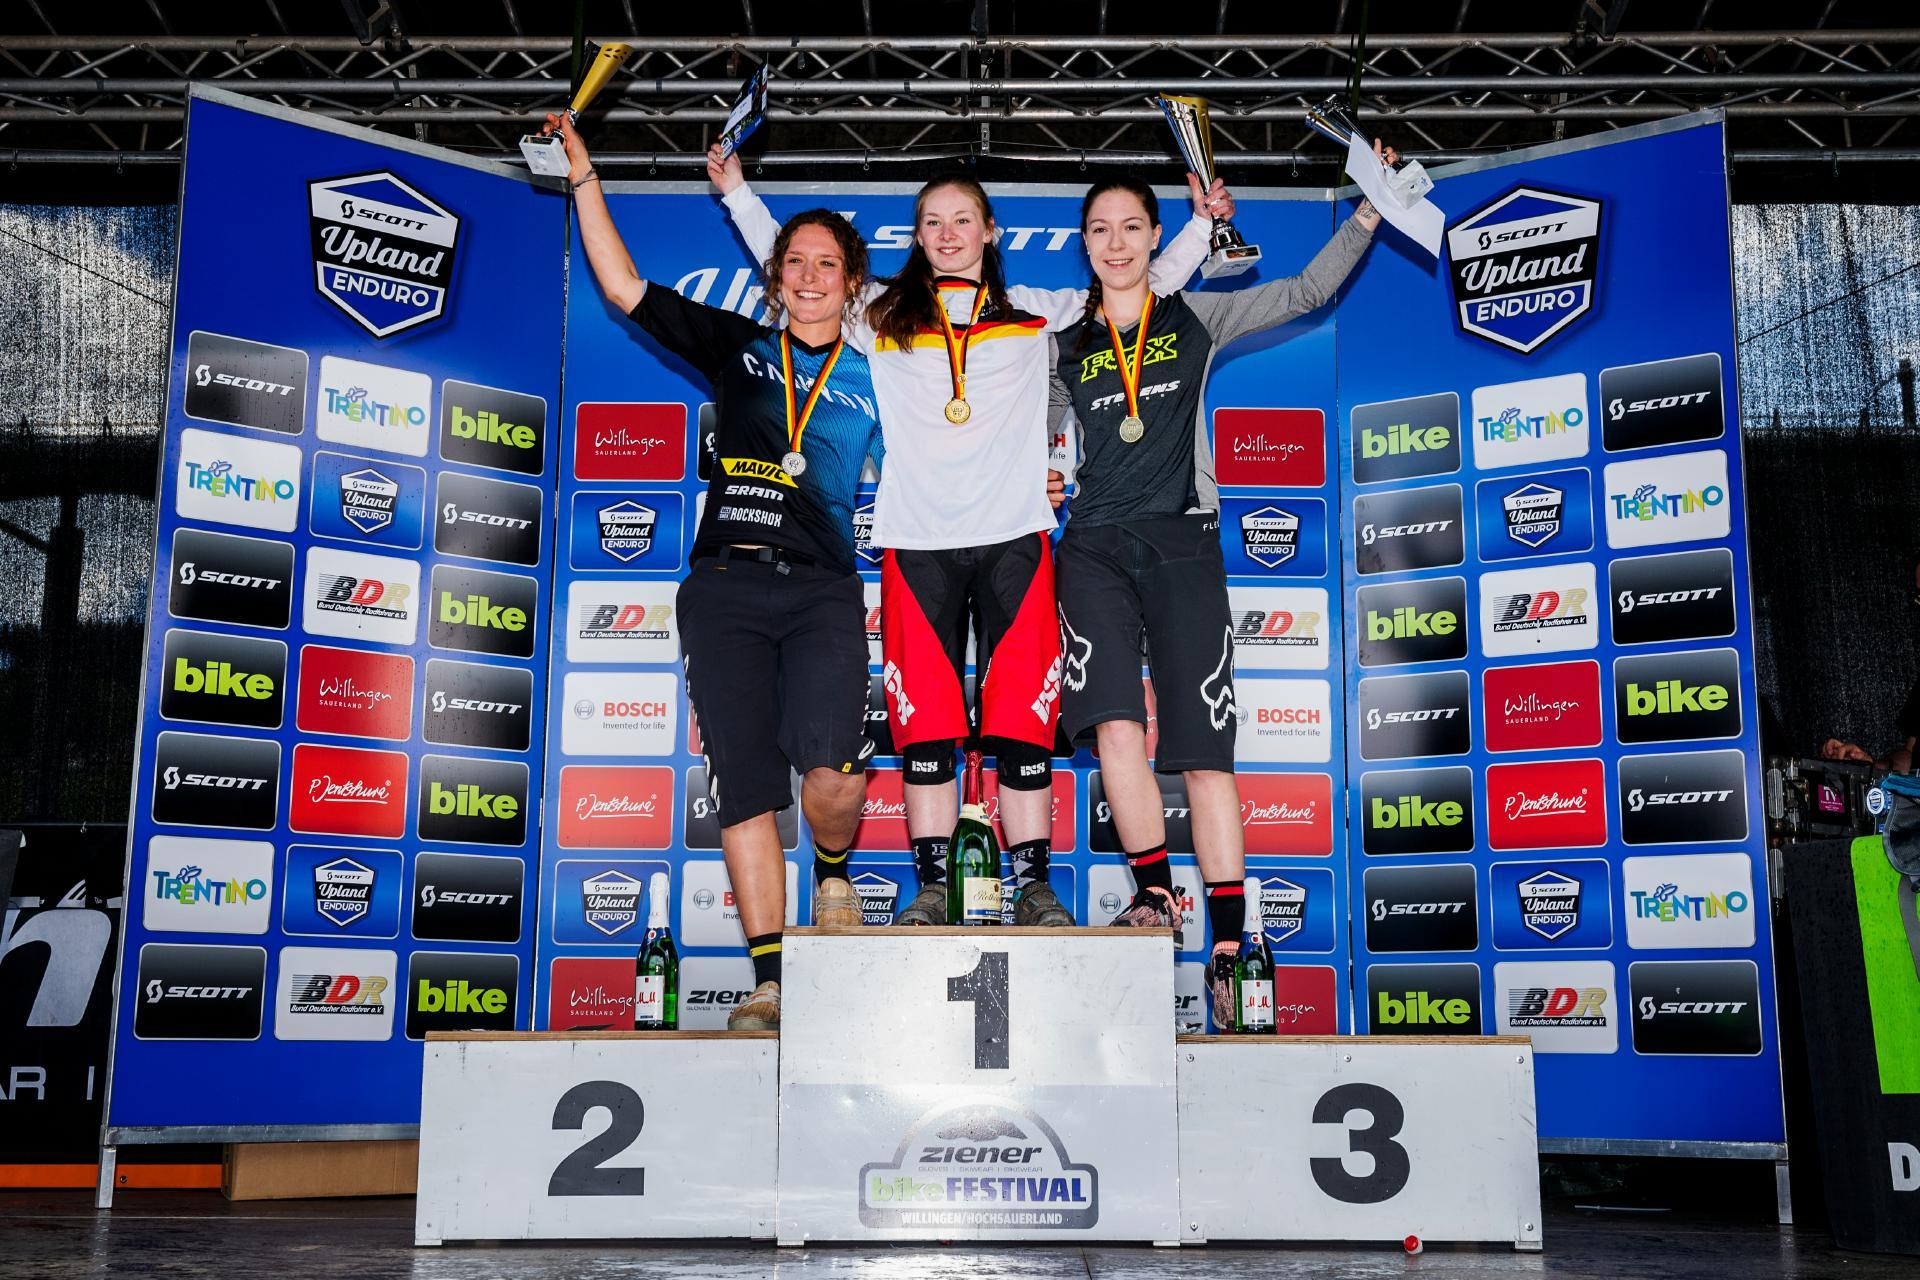 Die schnellsten drei Damen der Enduro DM: Raphaela Richter vor Ines Thoma und Veronika Brüchle.